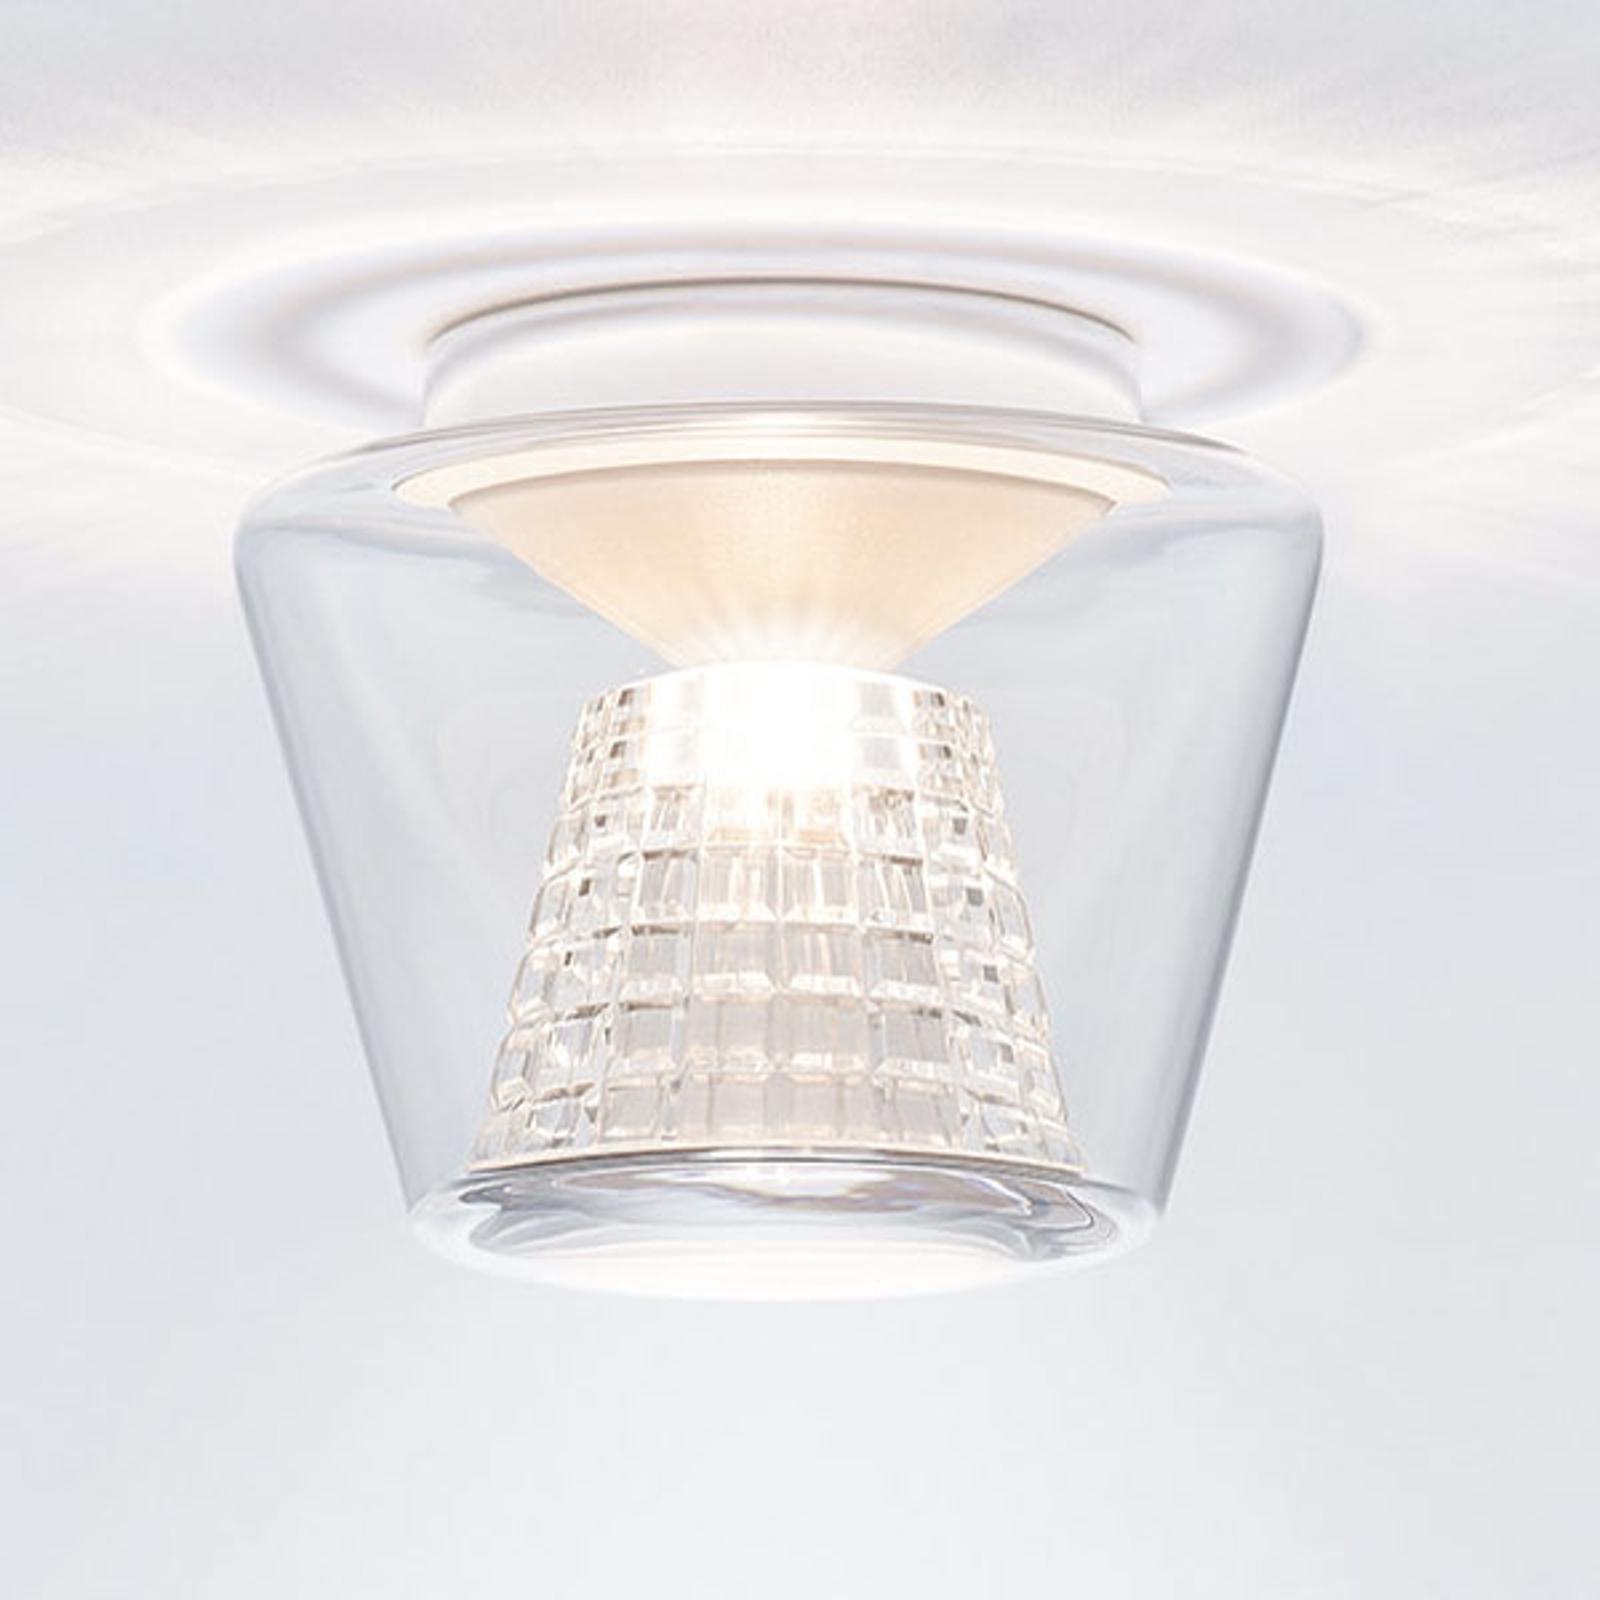 serien.lighting Annex S - LED-loftlampe